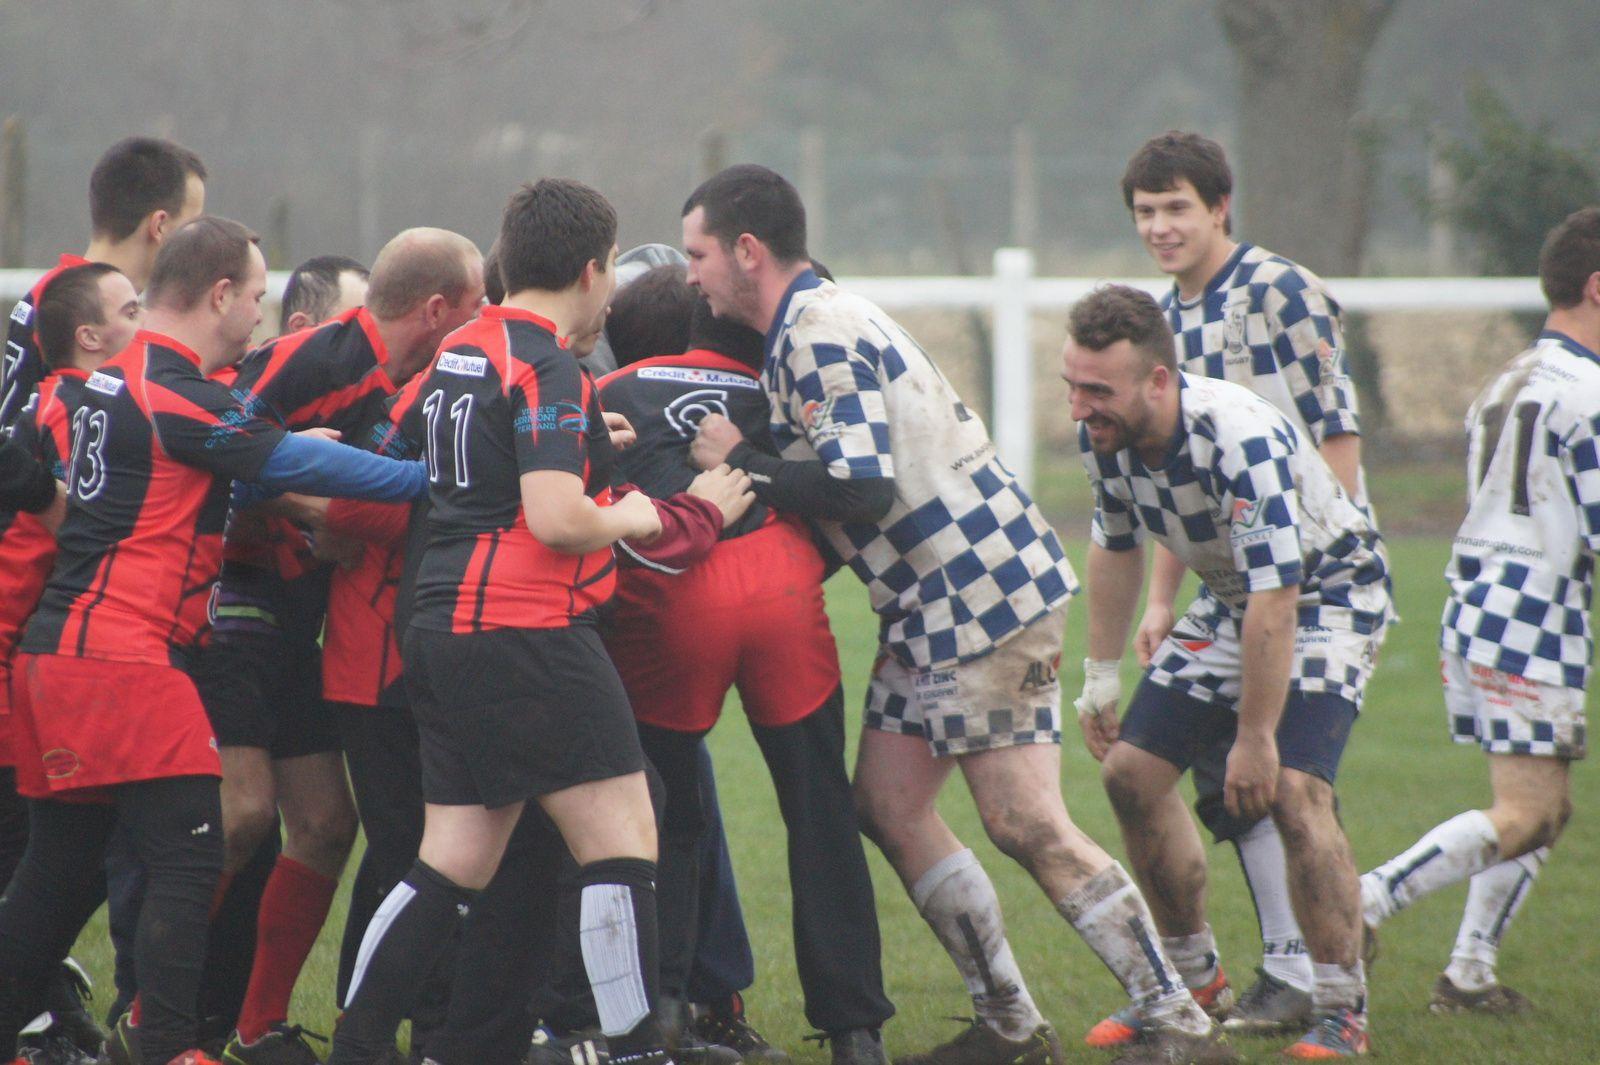 Tous gagnants avec le Rugby.